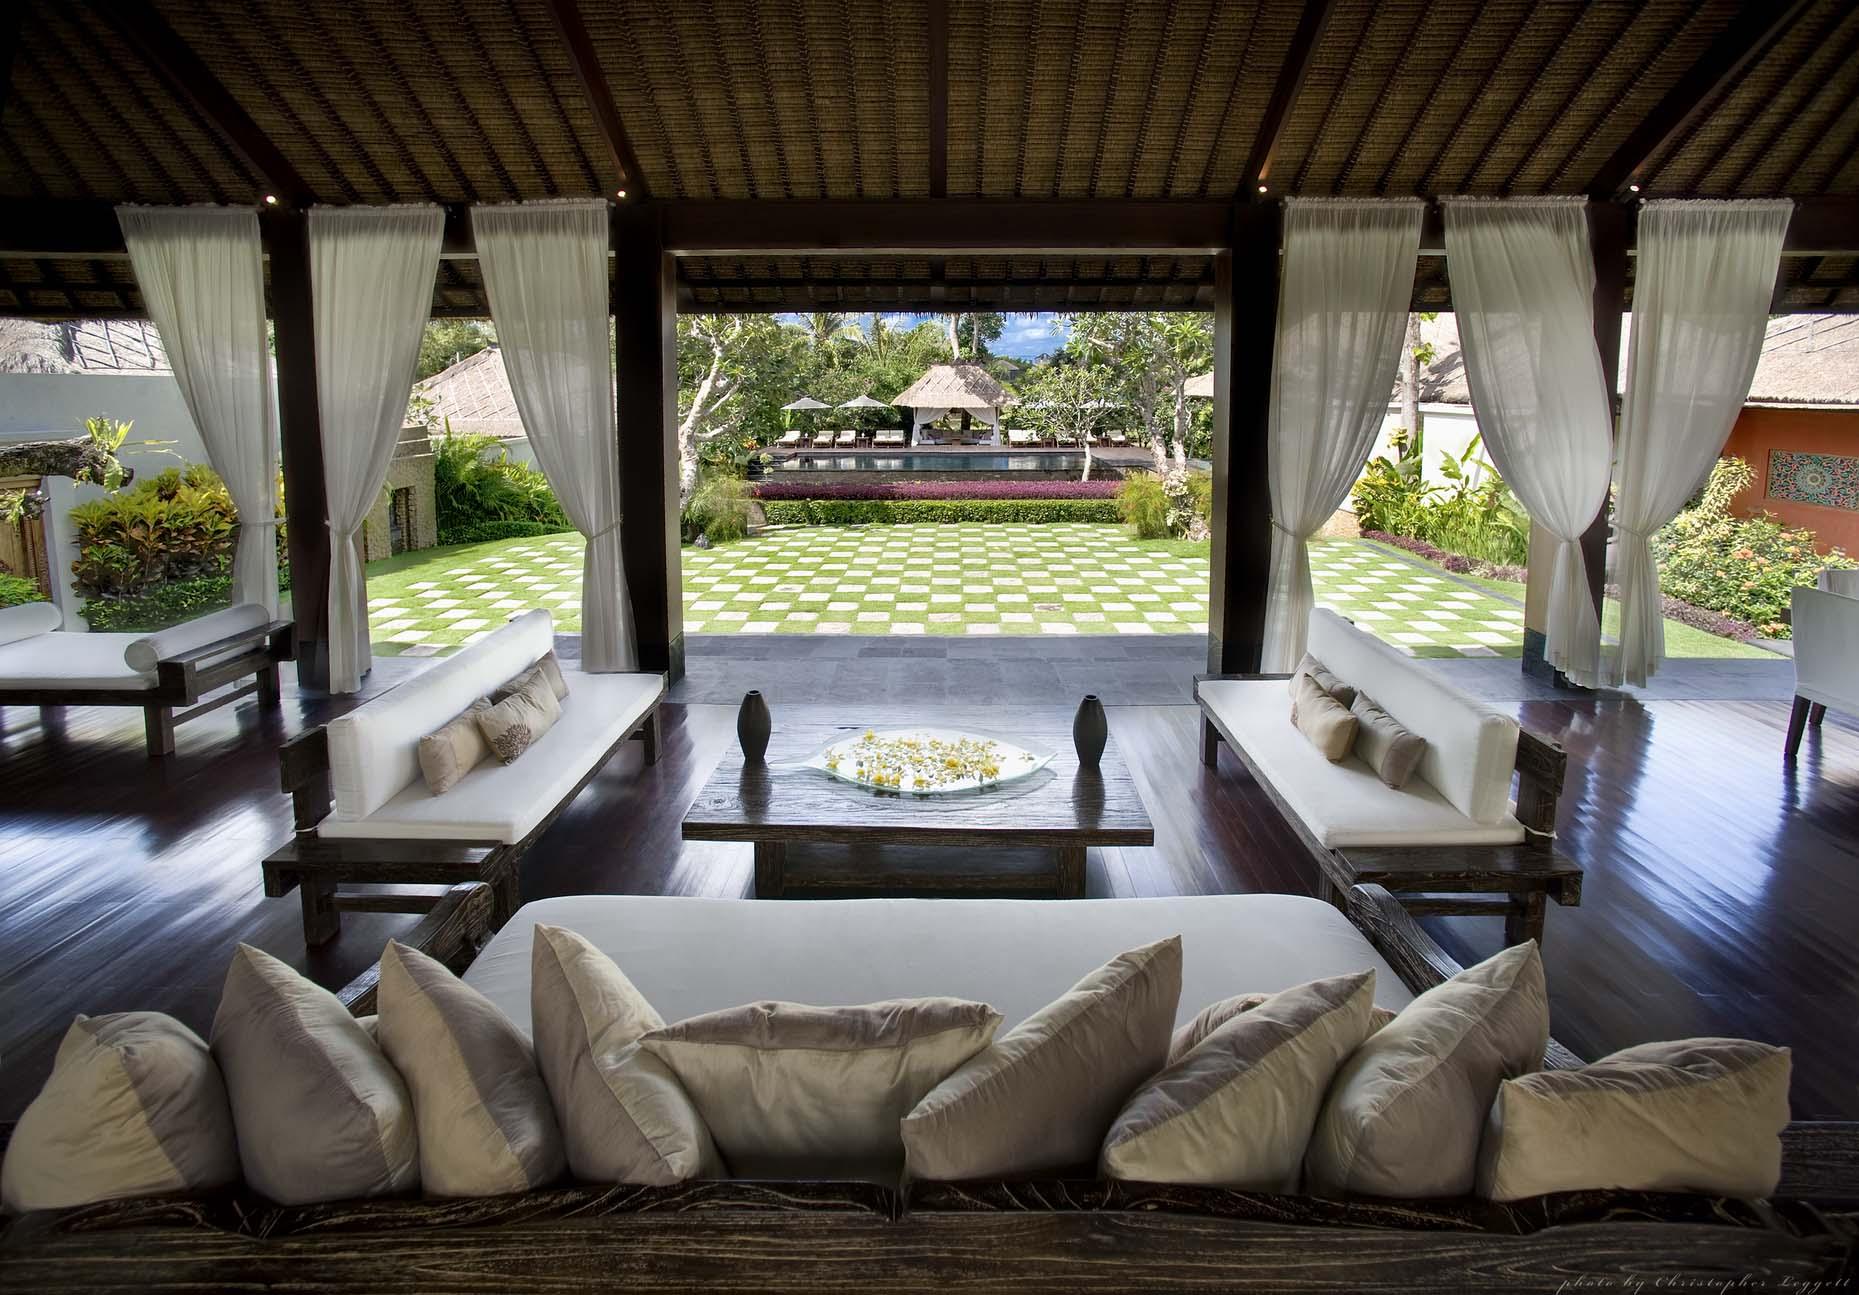 Quali mobili non dovrebbero mancare nel tuo giardino questa estate